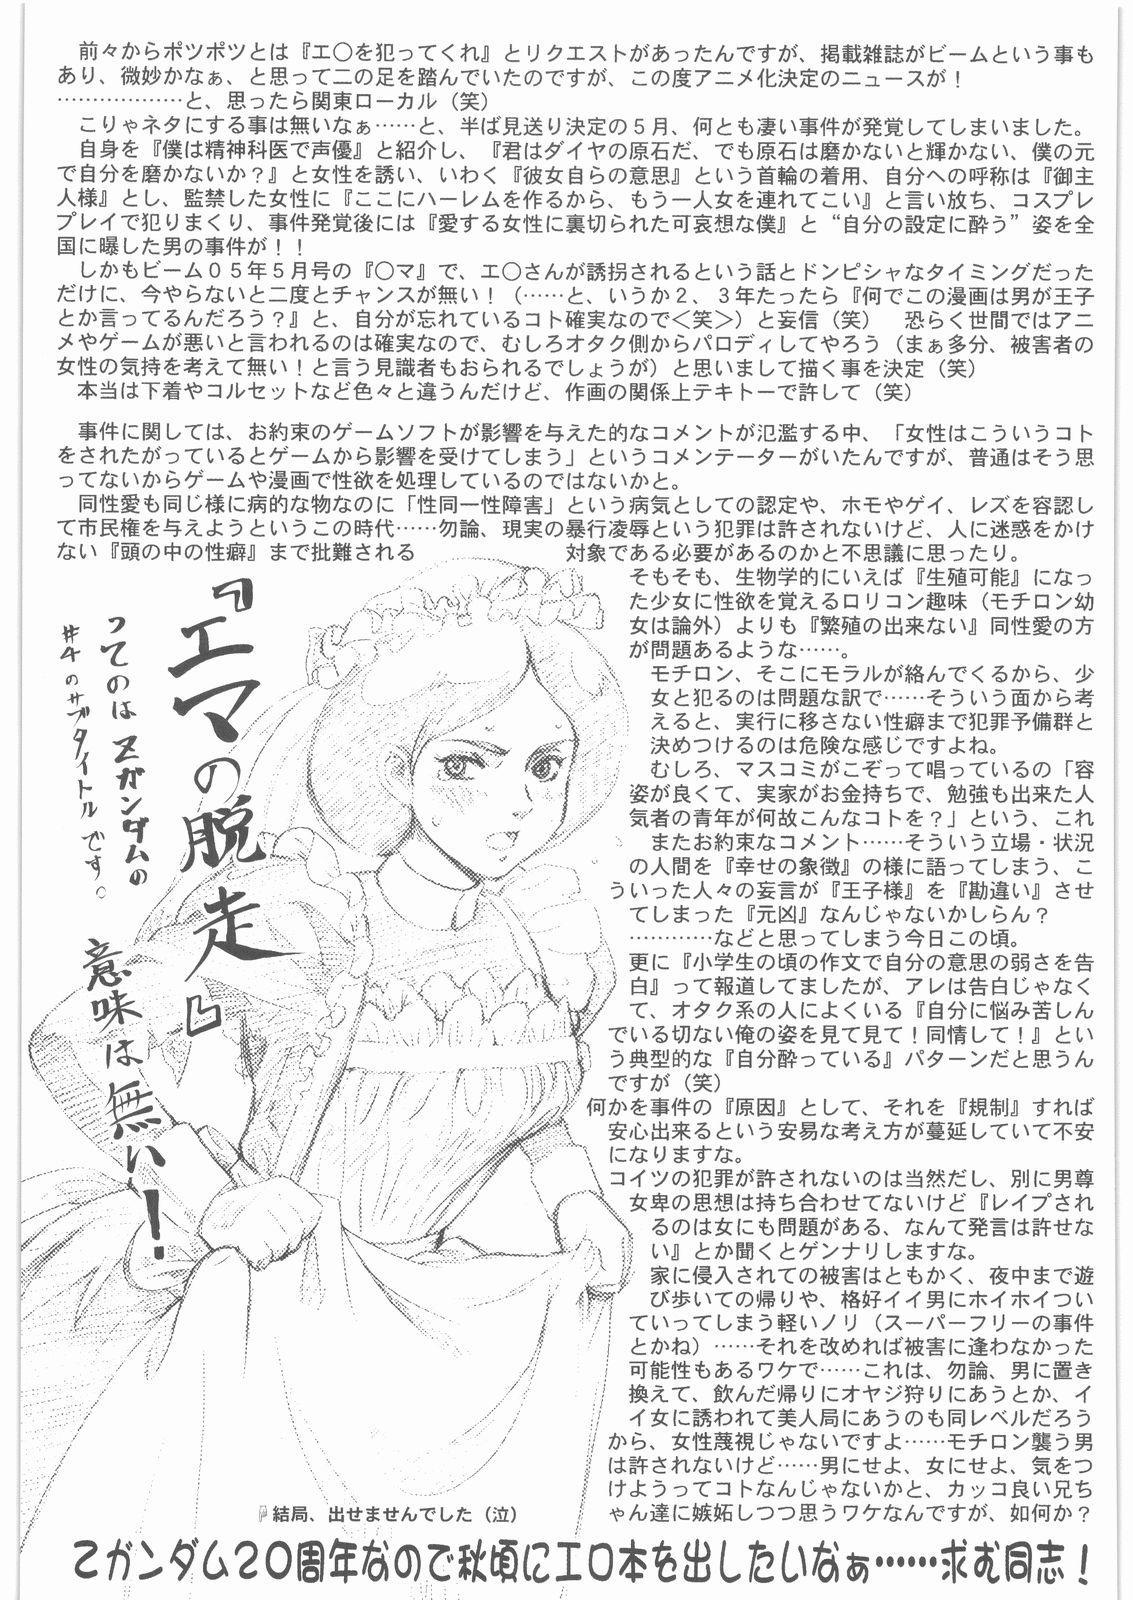 Umedamangashuu 12 Shito 95